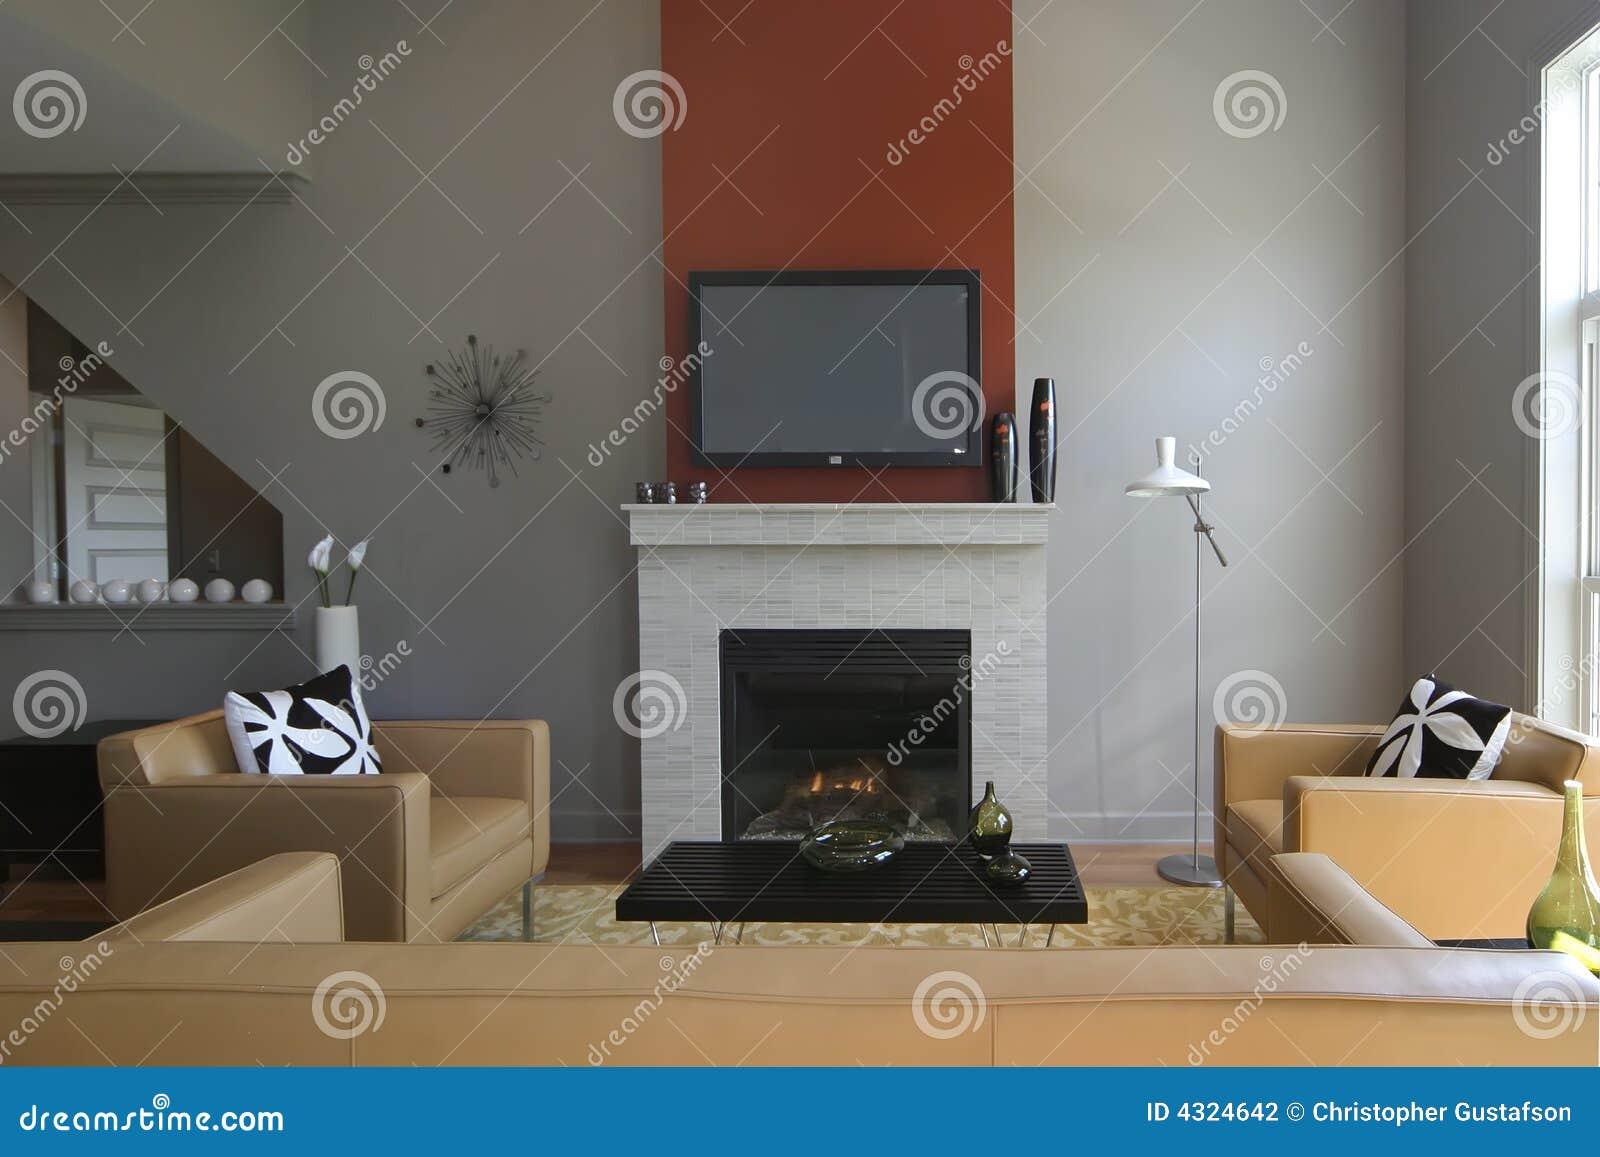 Modernes Wohnzimmer Mit Kamin Stockfoto - Bild von upscale, luxus ...